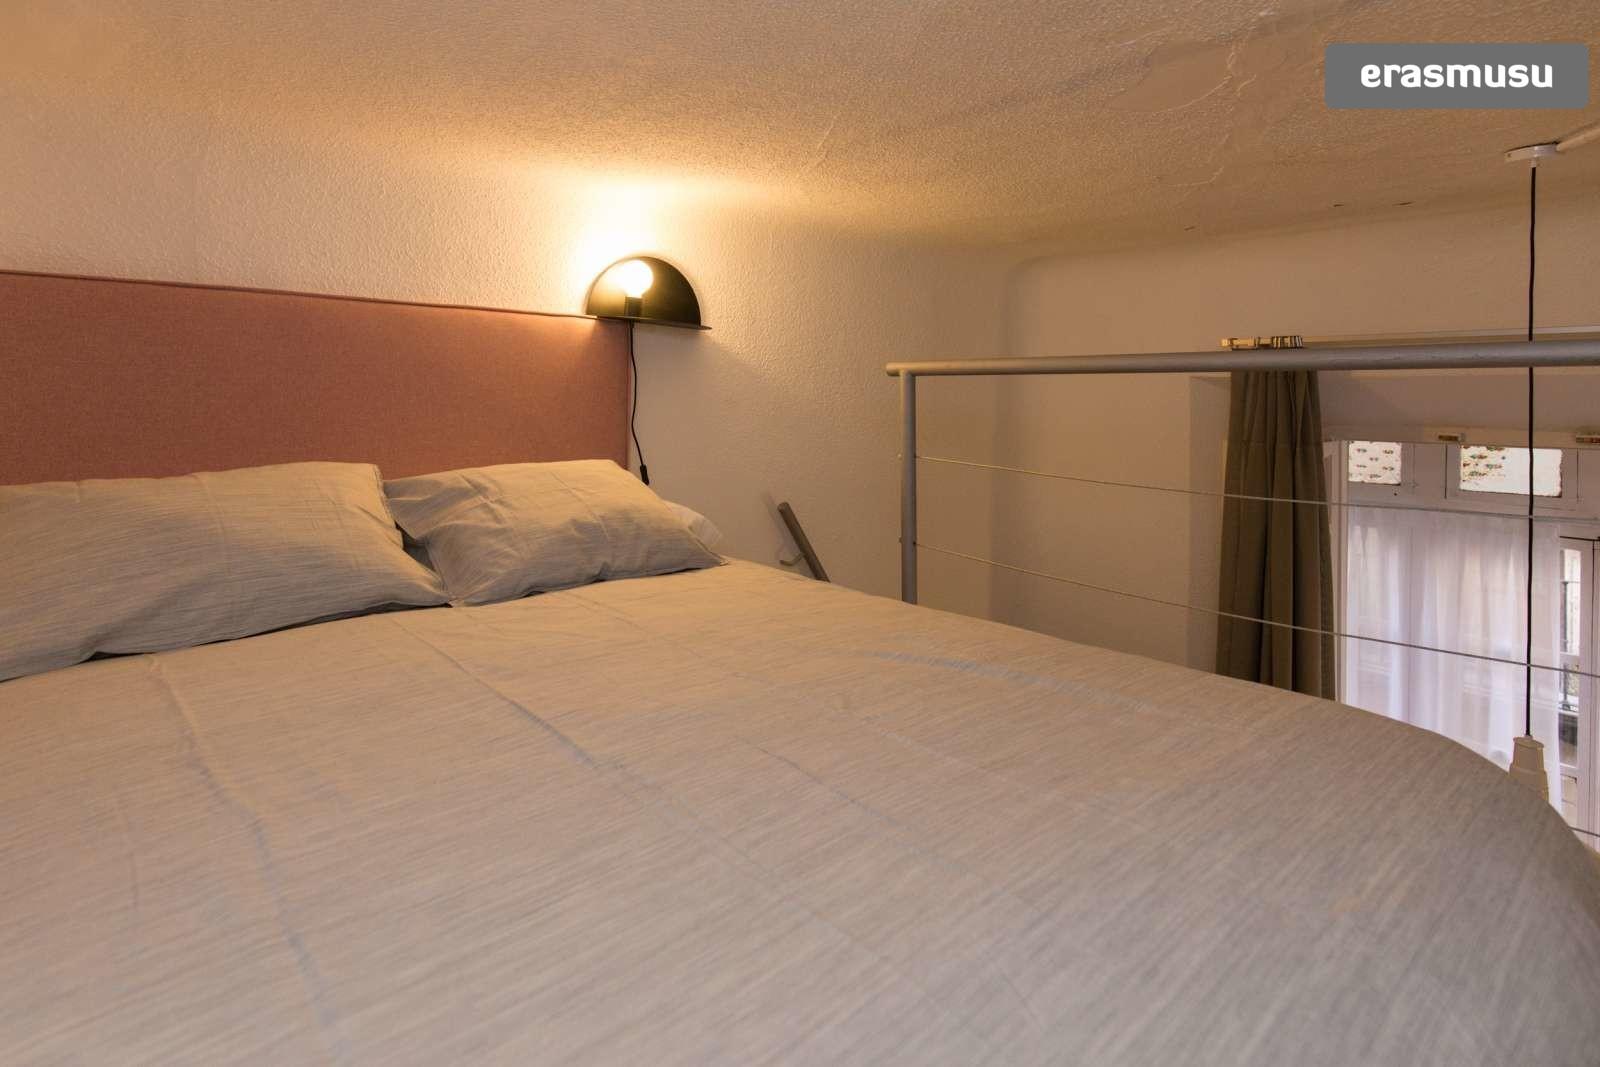 colourful-studio-apartment-rent-city-centre-d2a3b10470b2d045f8b2